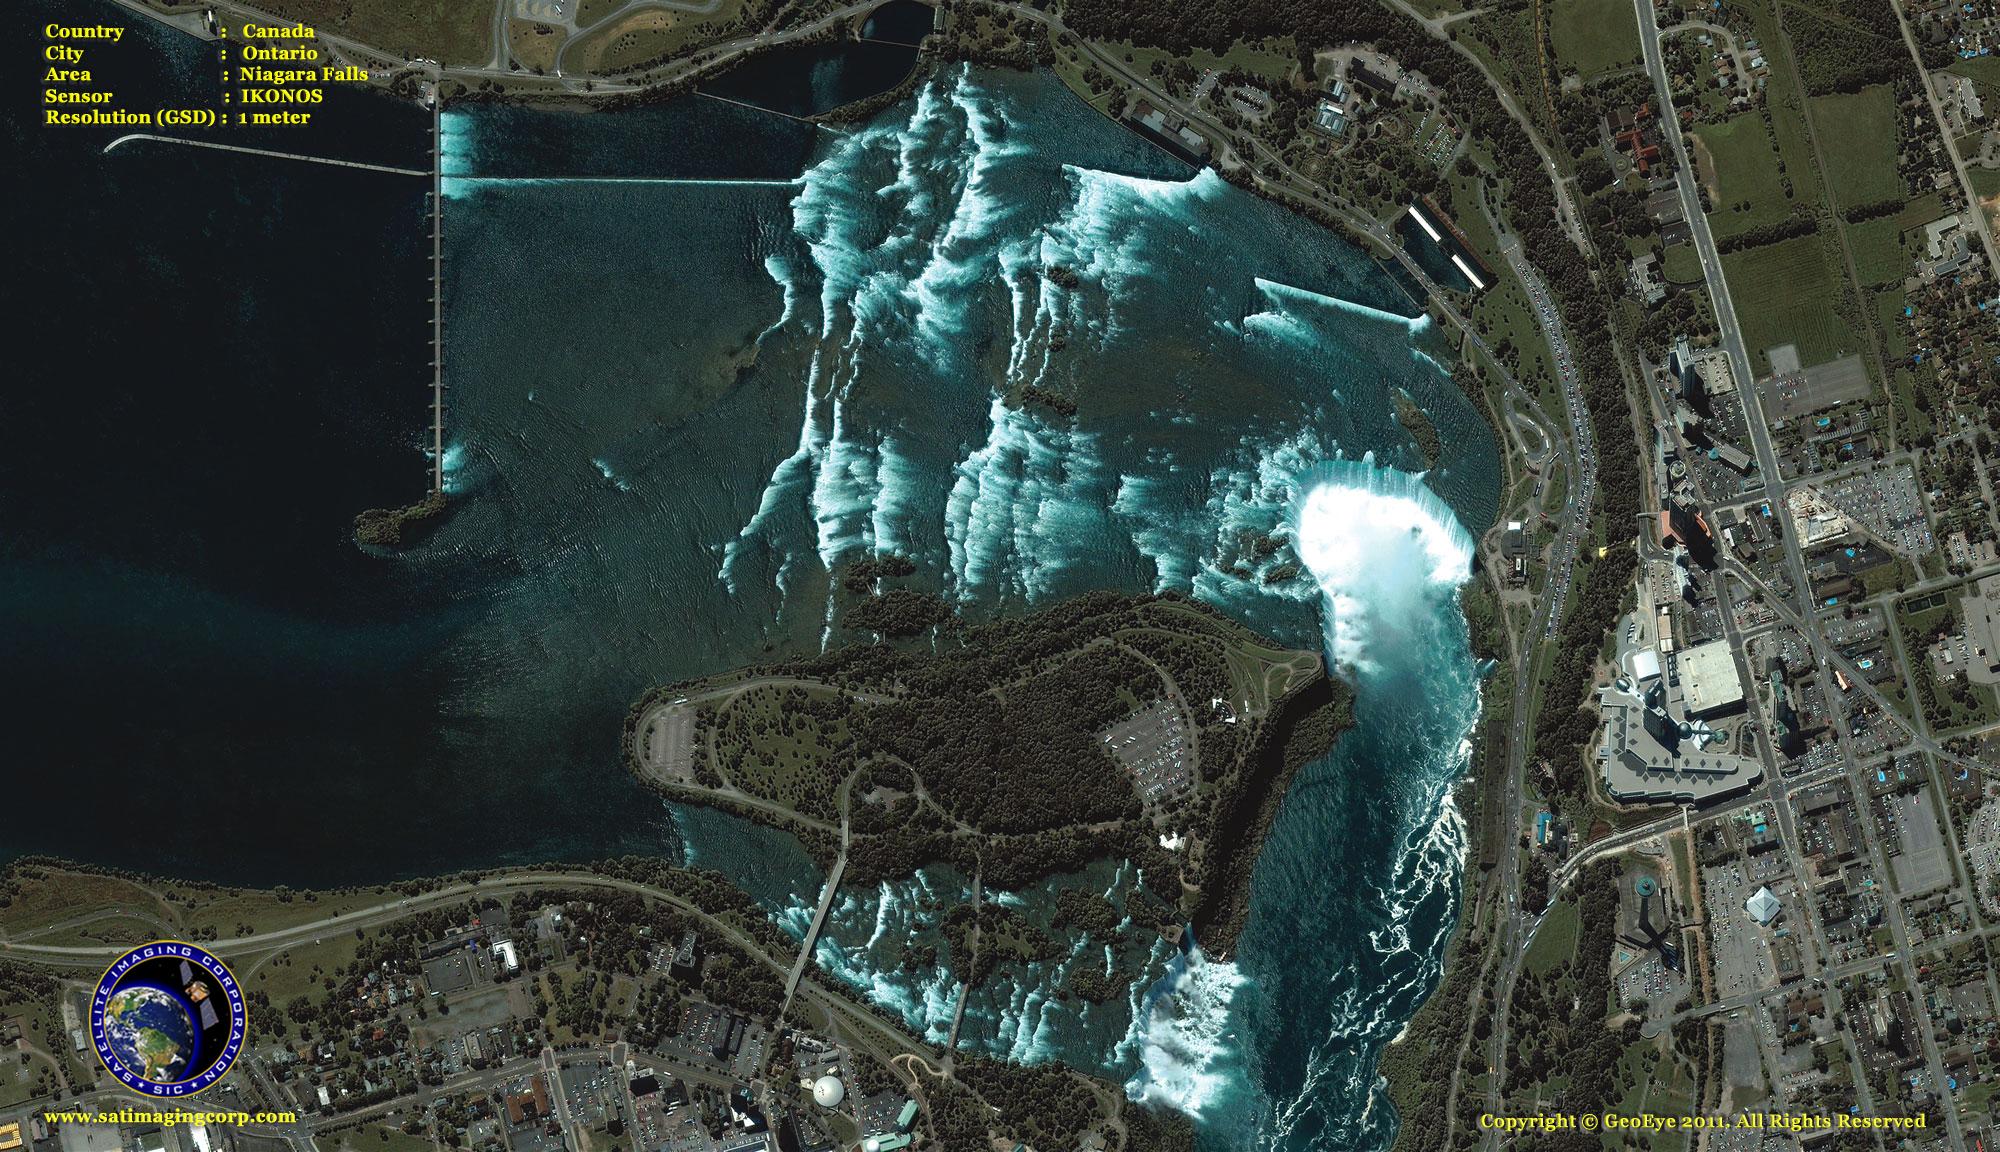 Ikonos Satellite Image Of Niagara Falls Satellite